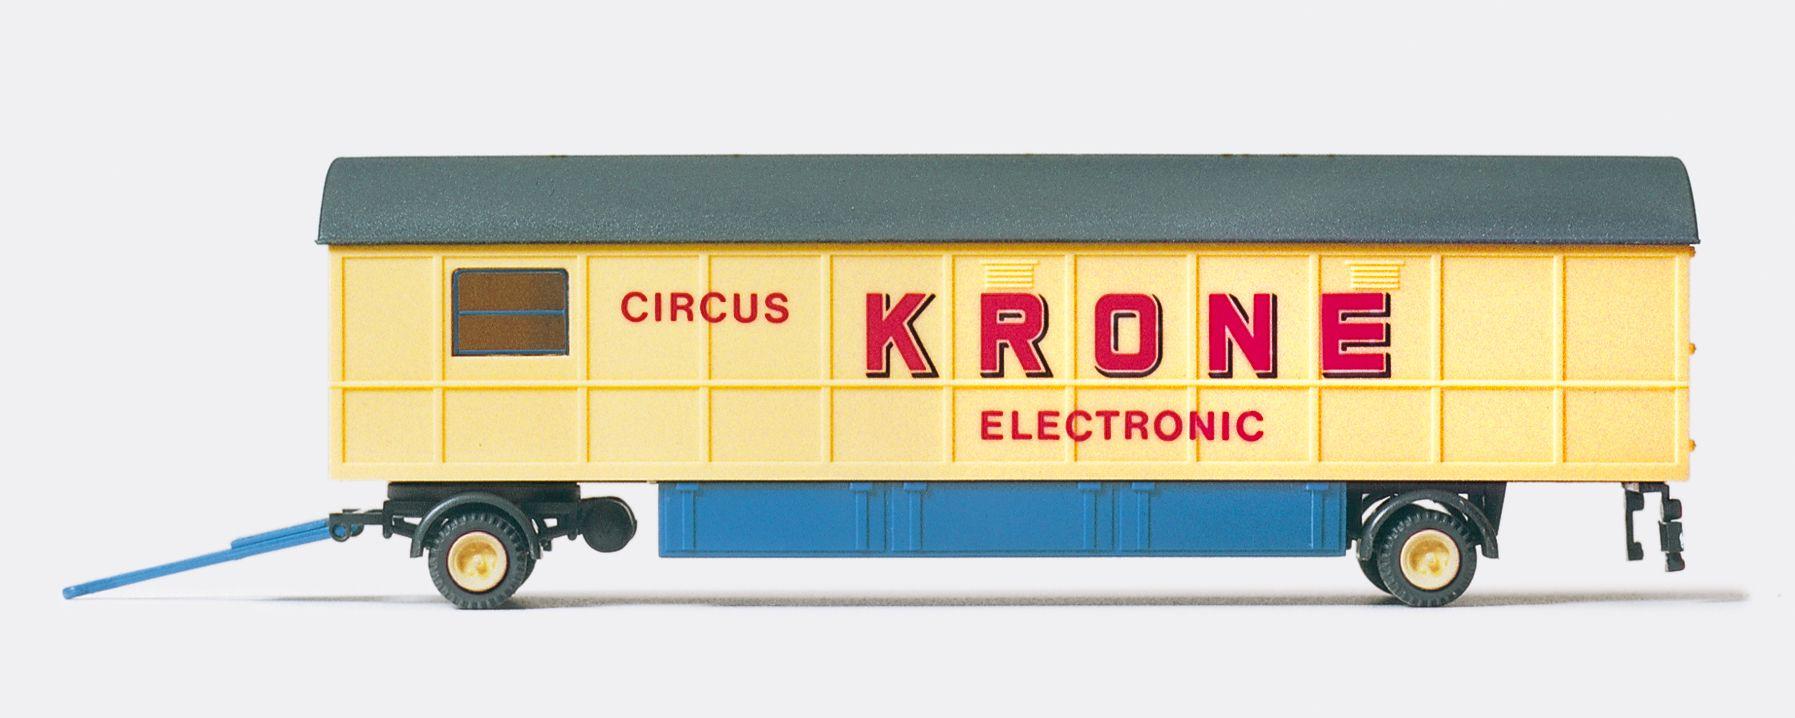 1:87 Zirkus Krone Electronik- Wagen, Fertigmodell- Preiser 21030  | günstig bestellen bei Modelleisenbahn Center  MCS Vertriebs GmbH